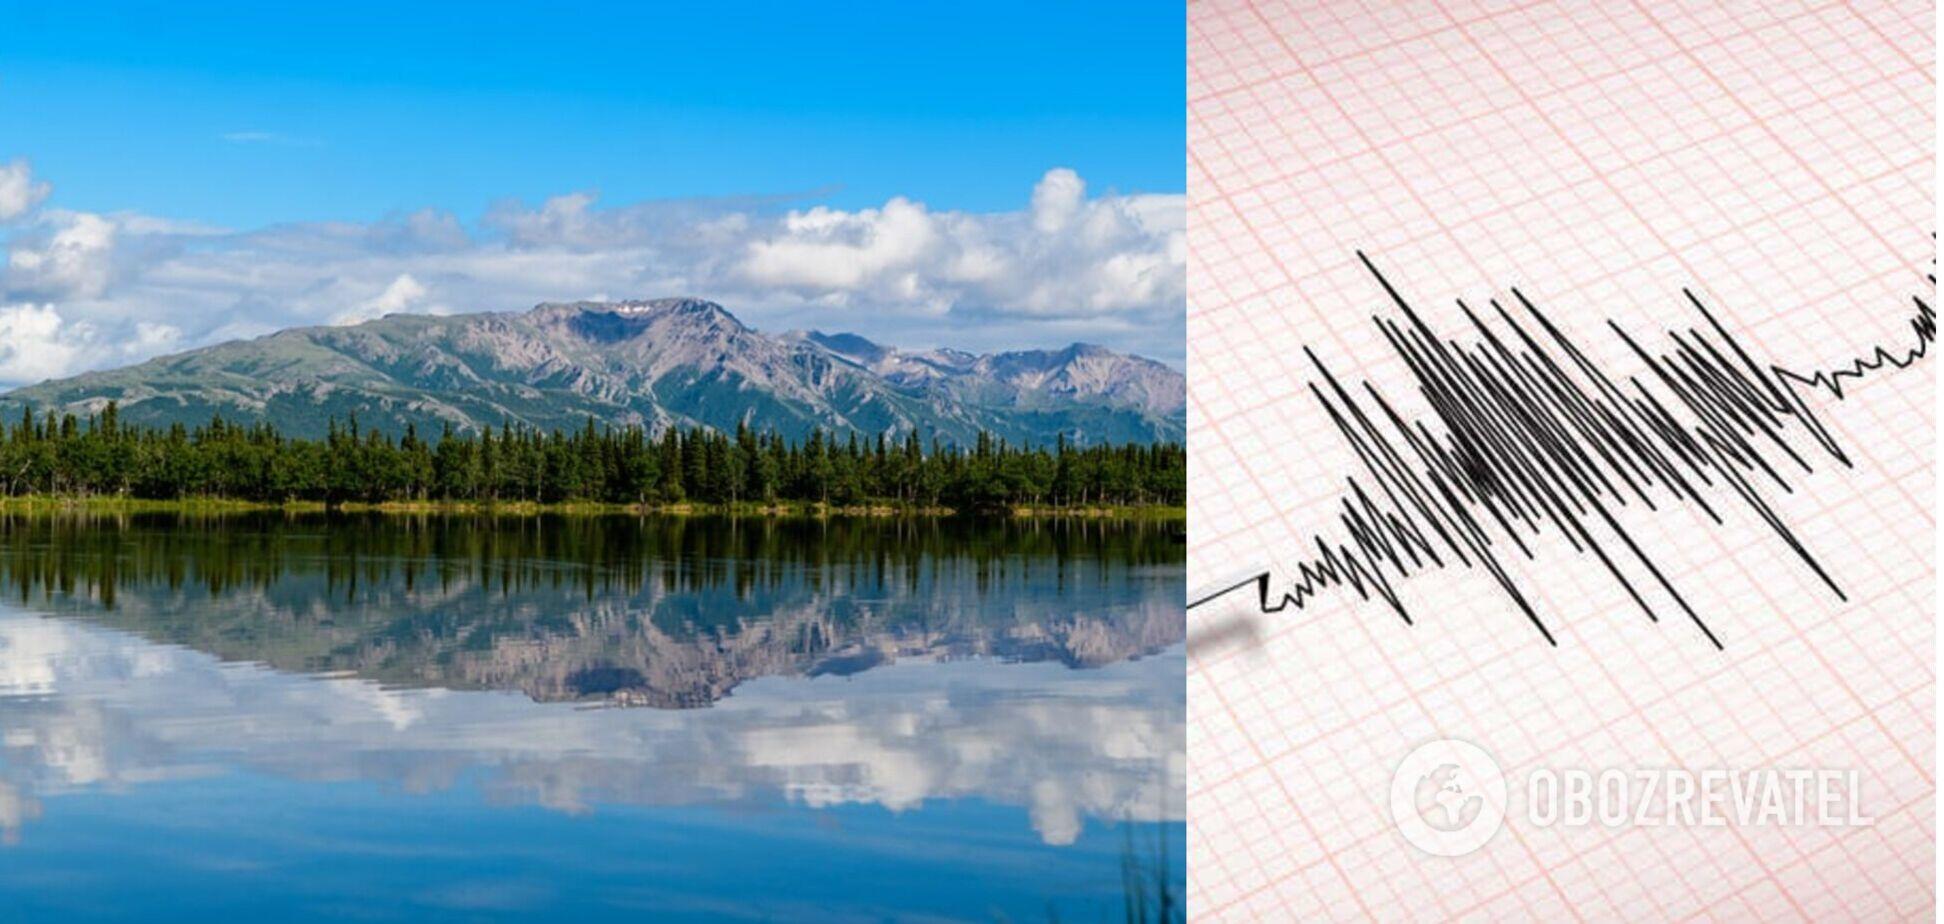 На Аляске произошло мощное землетрясение, есть угроза цунами. Видео